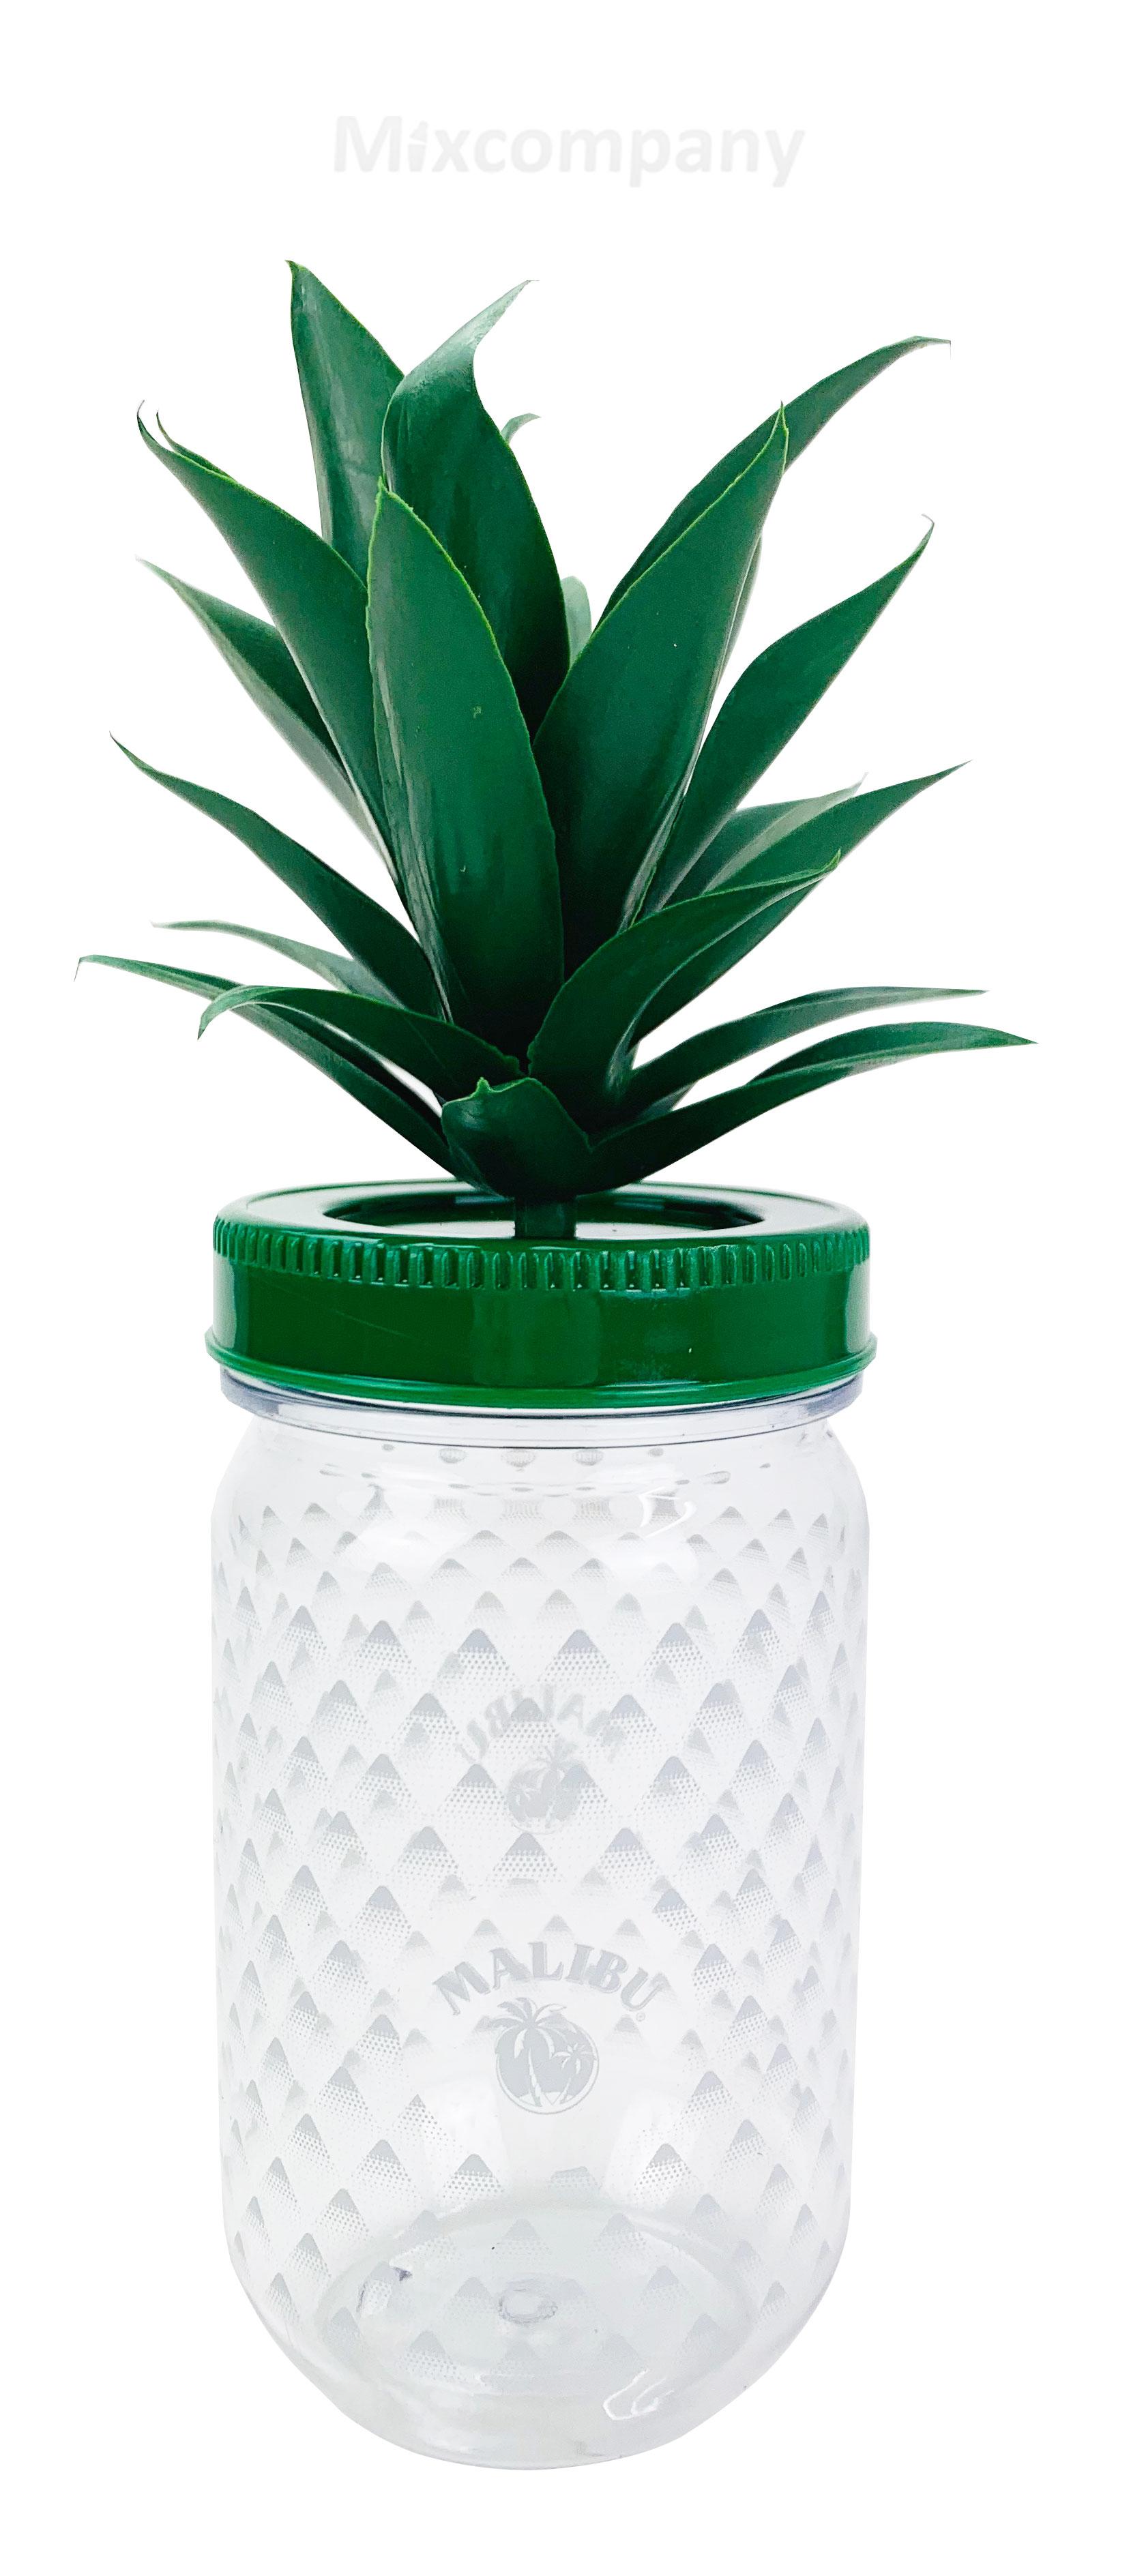 Malibu Cocktail Becher aus Kunststoff ananasform grün ca. 0,3l 300ml Mehrweg Trinkbecher Cocktailbecher Ananas Glas Gläser